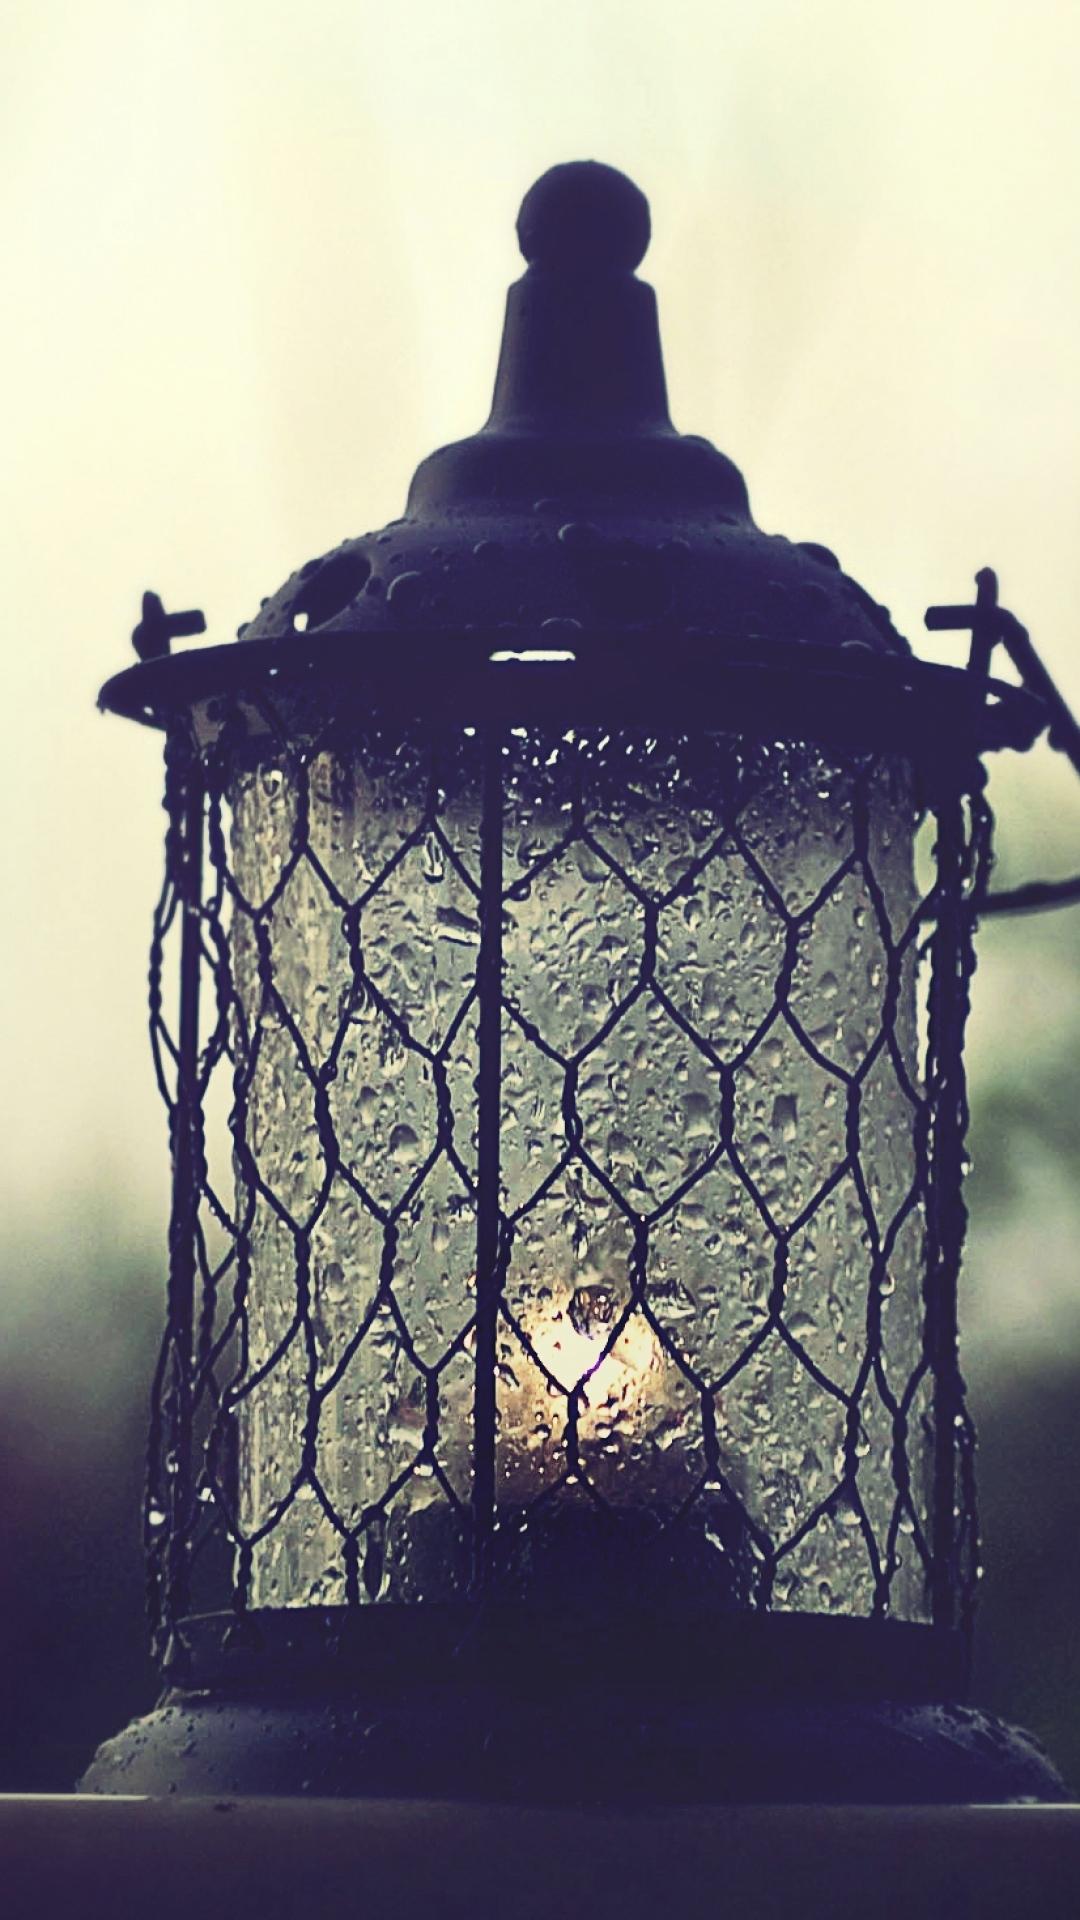 candle lighting glass shape Lighting